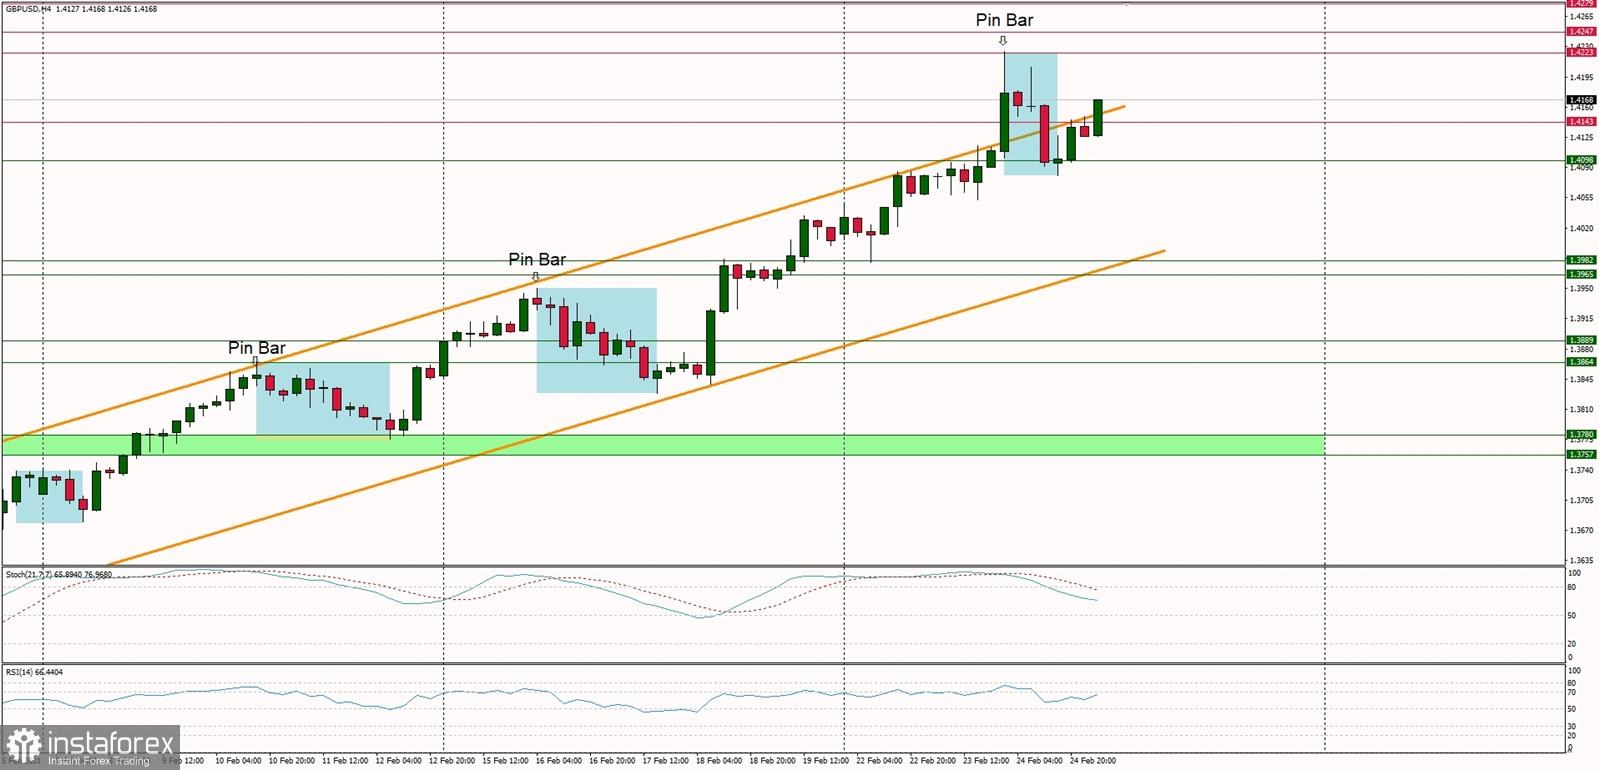 Analisis Teknikal GBP/USD untuk tanggal 25 Februari 2021